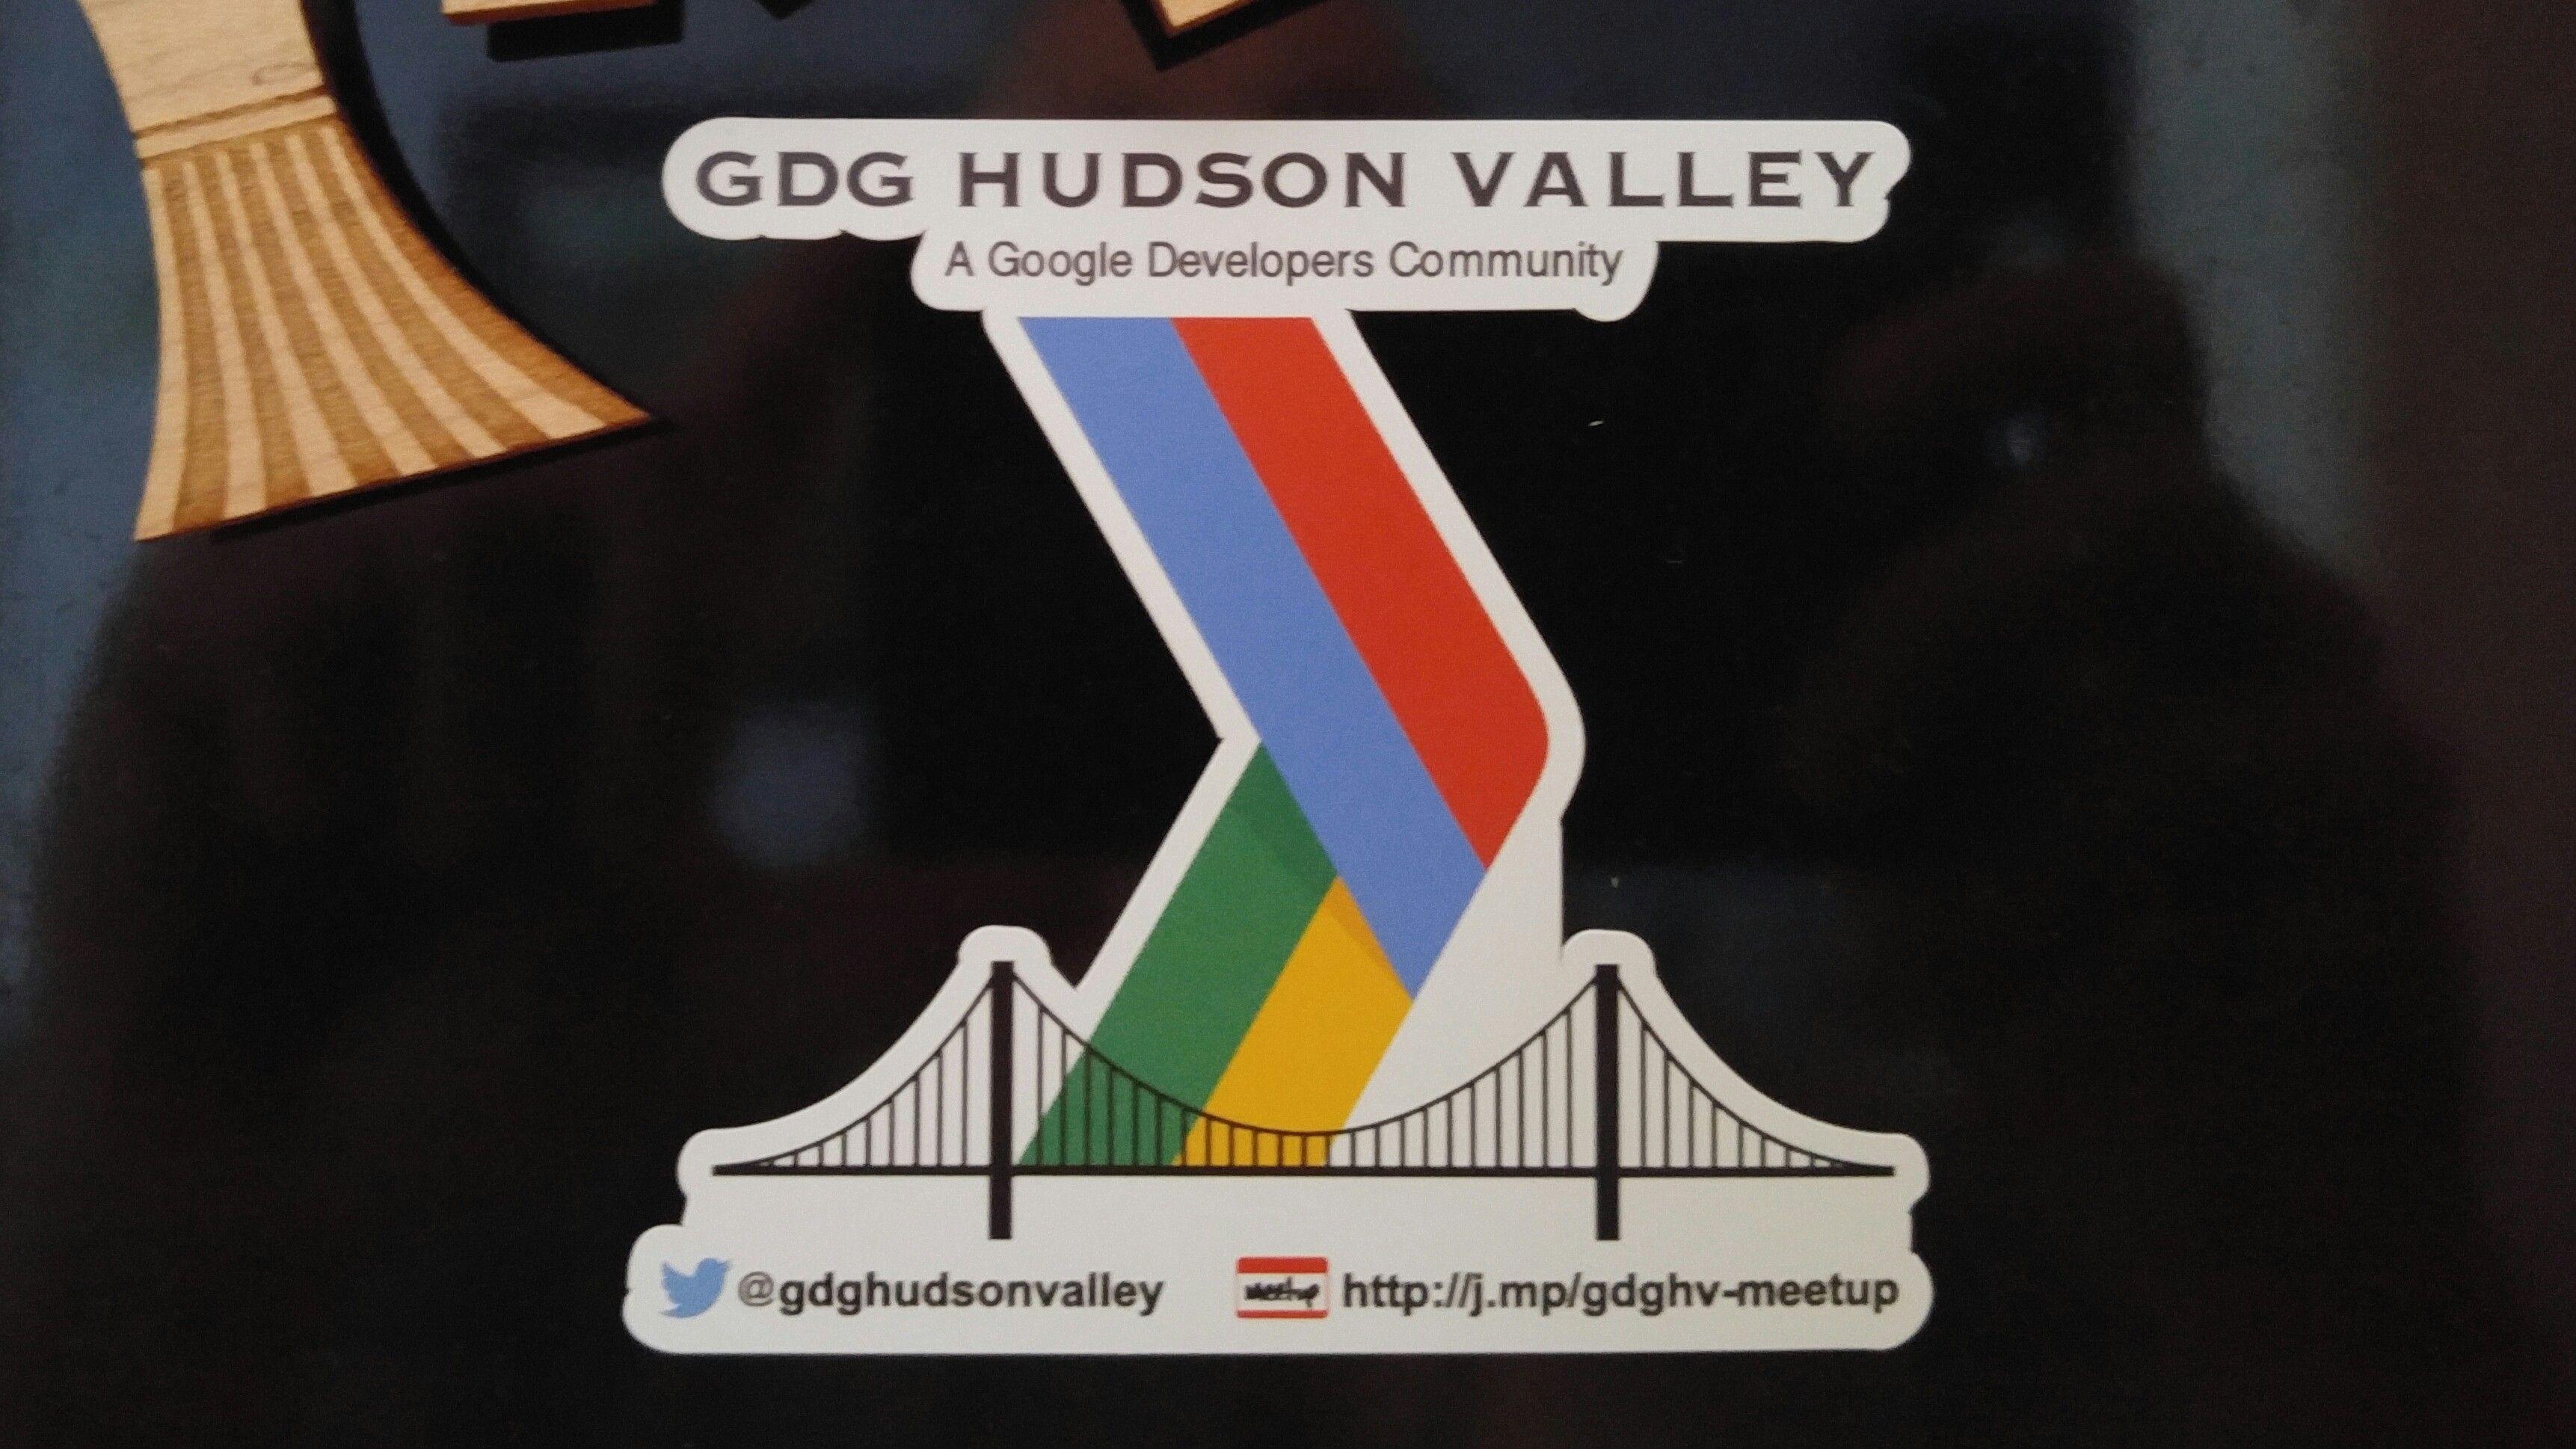 Google Developer Group (GDG) Hudson Valley